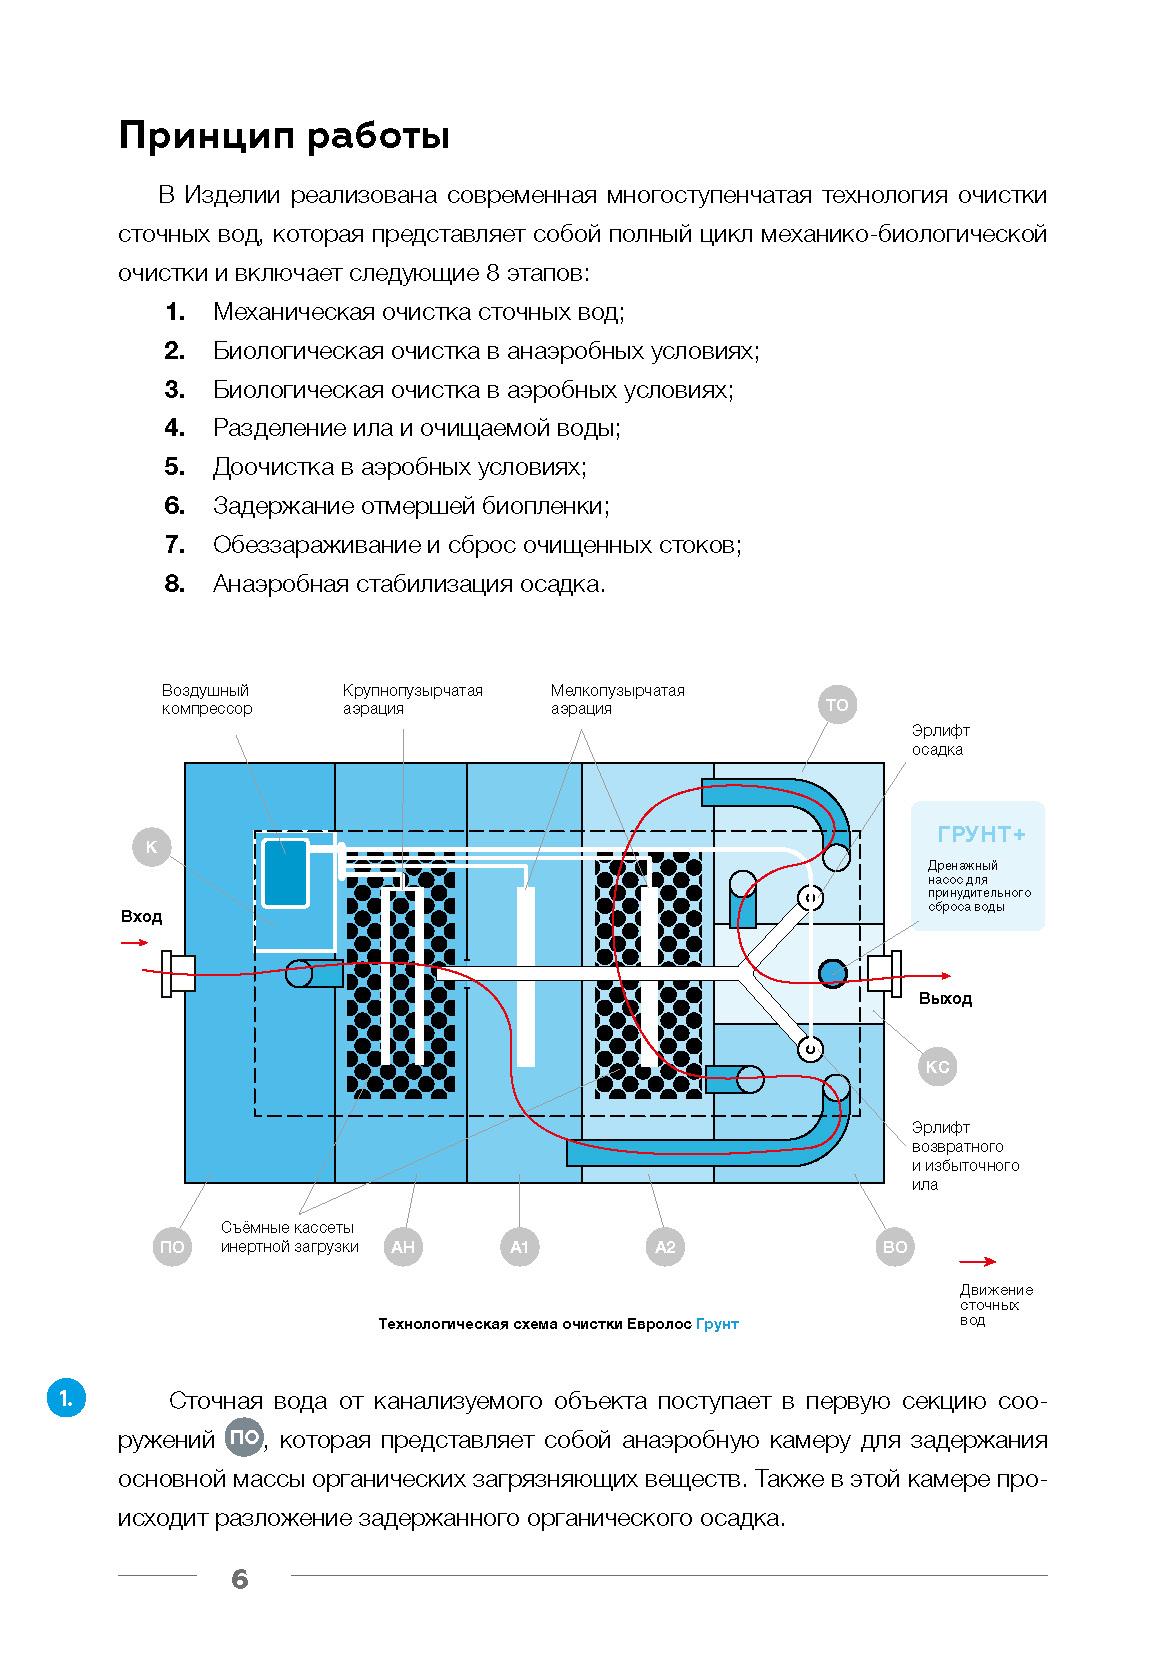 Технический паспорт Евролос Грунт_Страница_08